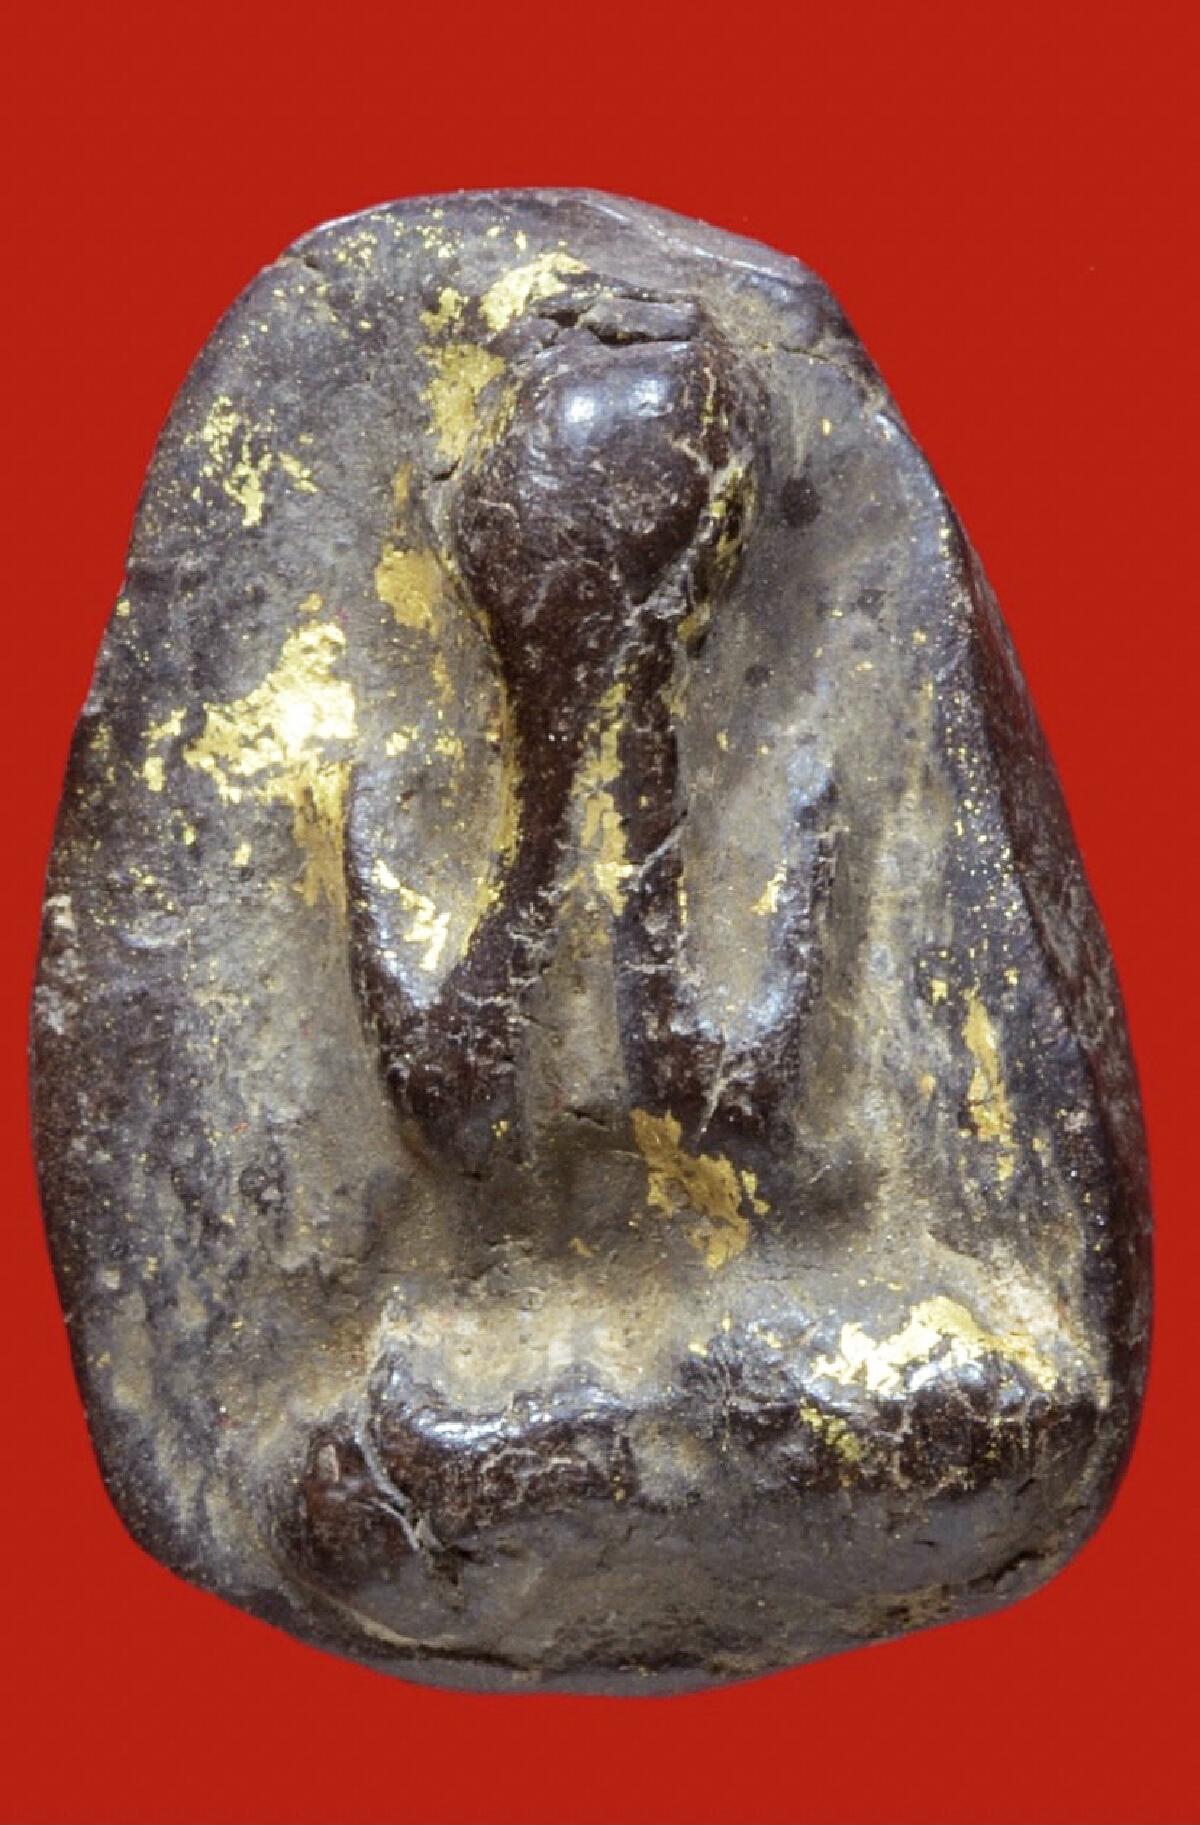 พระปิดตา หลวงปู่ไข่  วัดเชิงเลน เนื้อผงปิดทองคำเปลว สภาพสวย ผิวเดิม